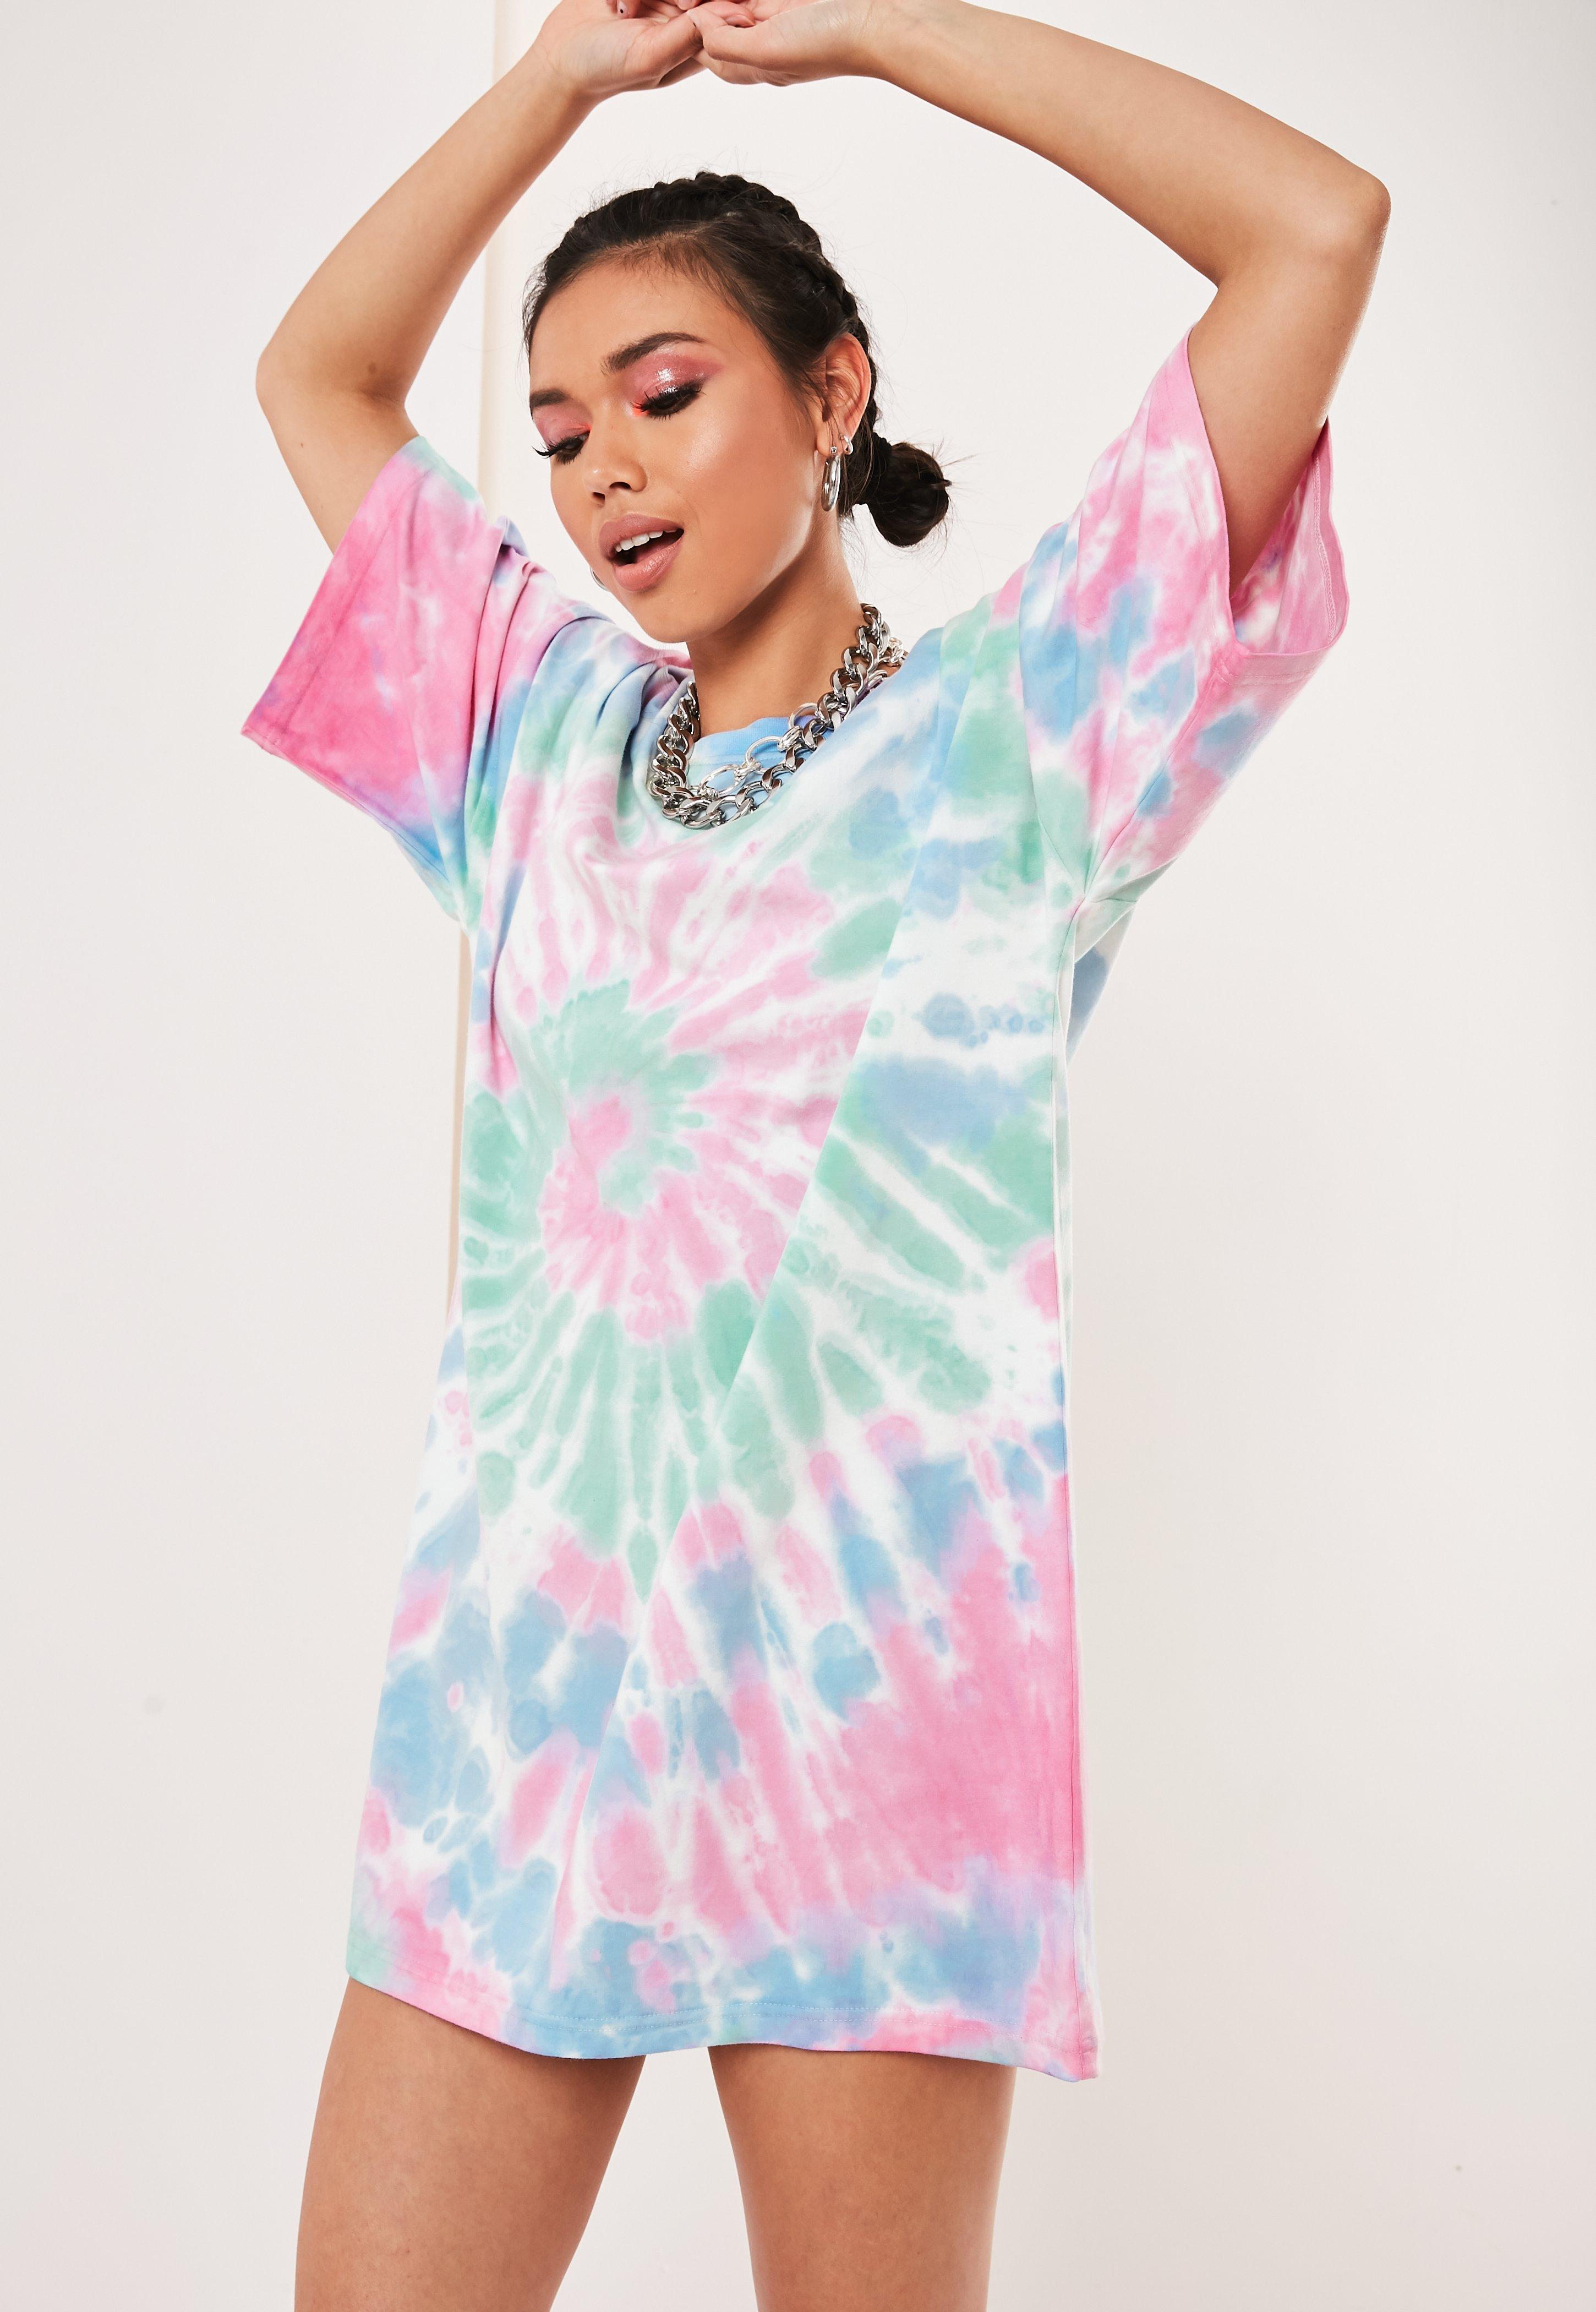 bbb4306117 Tie Dye | Cute Tie Dye Shirts | Tie Dye Dress | Missguided